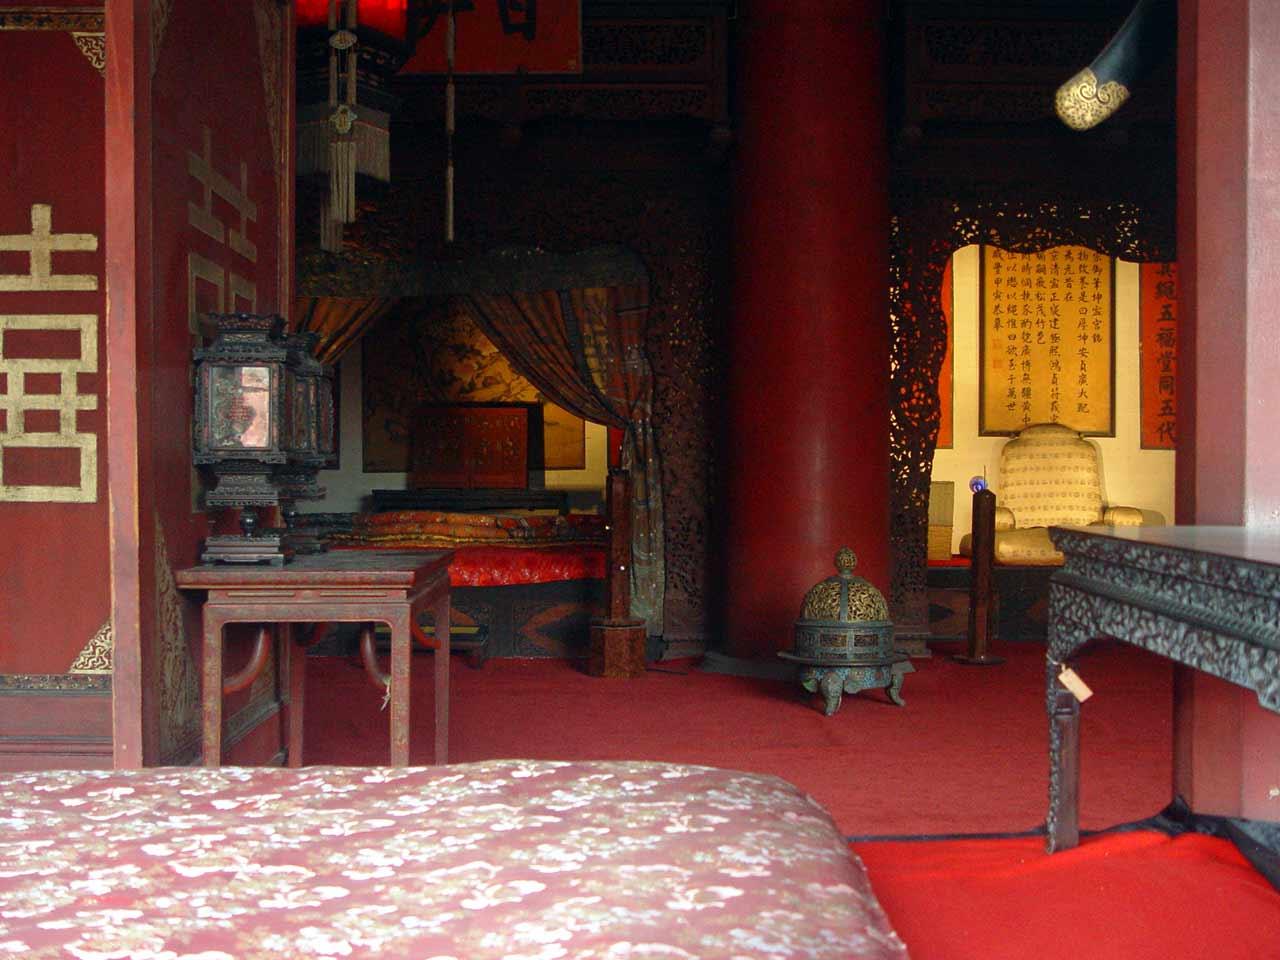 dizajn interera v aziatskom stile kitajskij stil